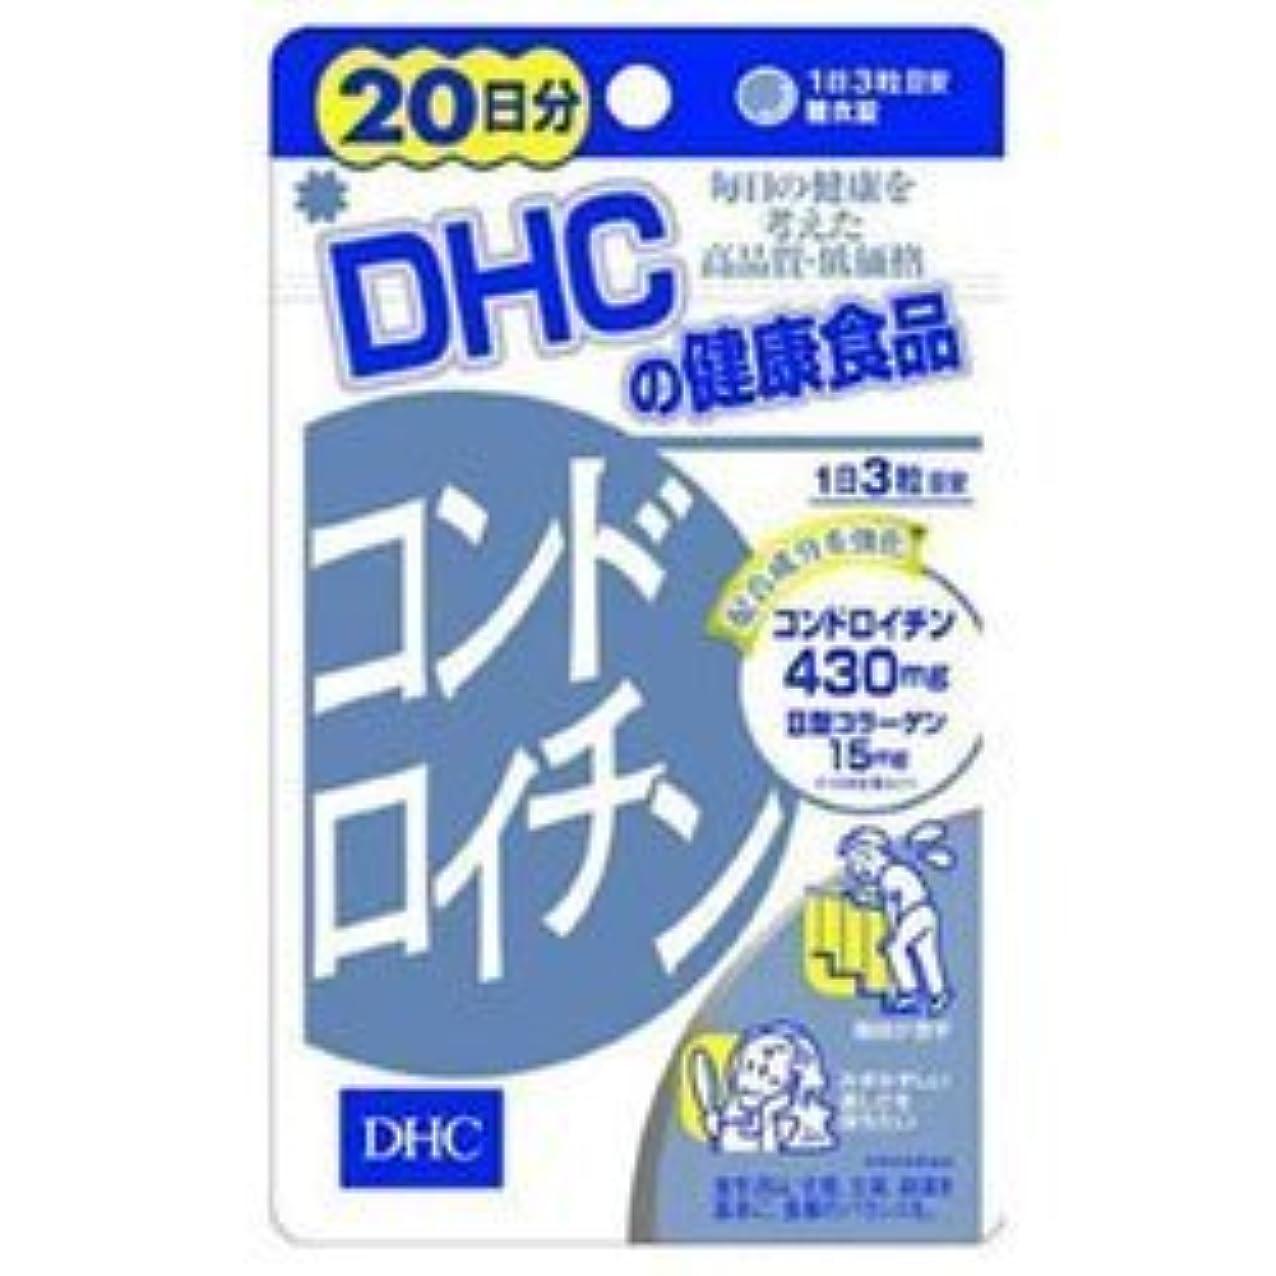 混乱させる致死洪水【DHC】コンドロイチン 20日分 (60粒) ×5個セット